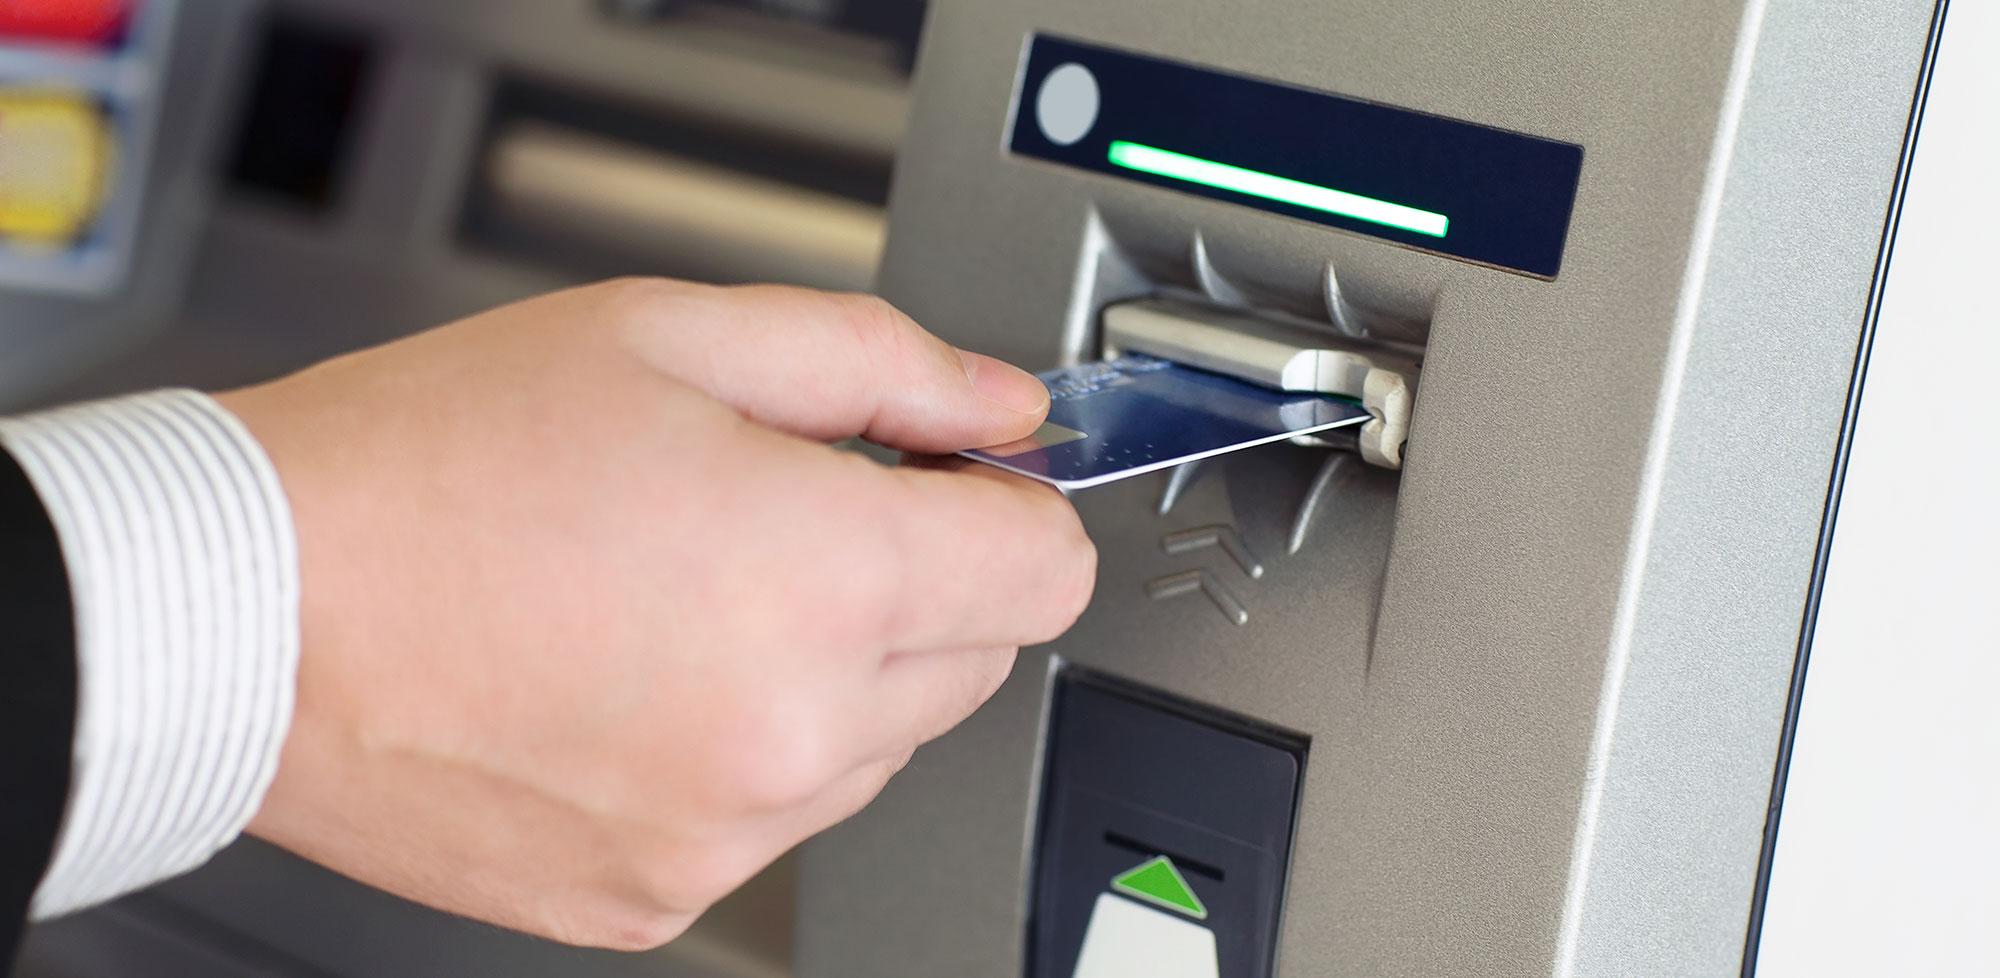 ردیابی پولشویی توسط دستگاه های کارت خوان